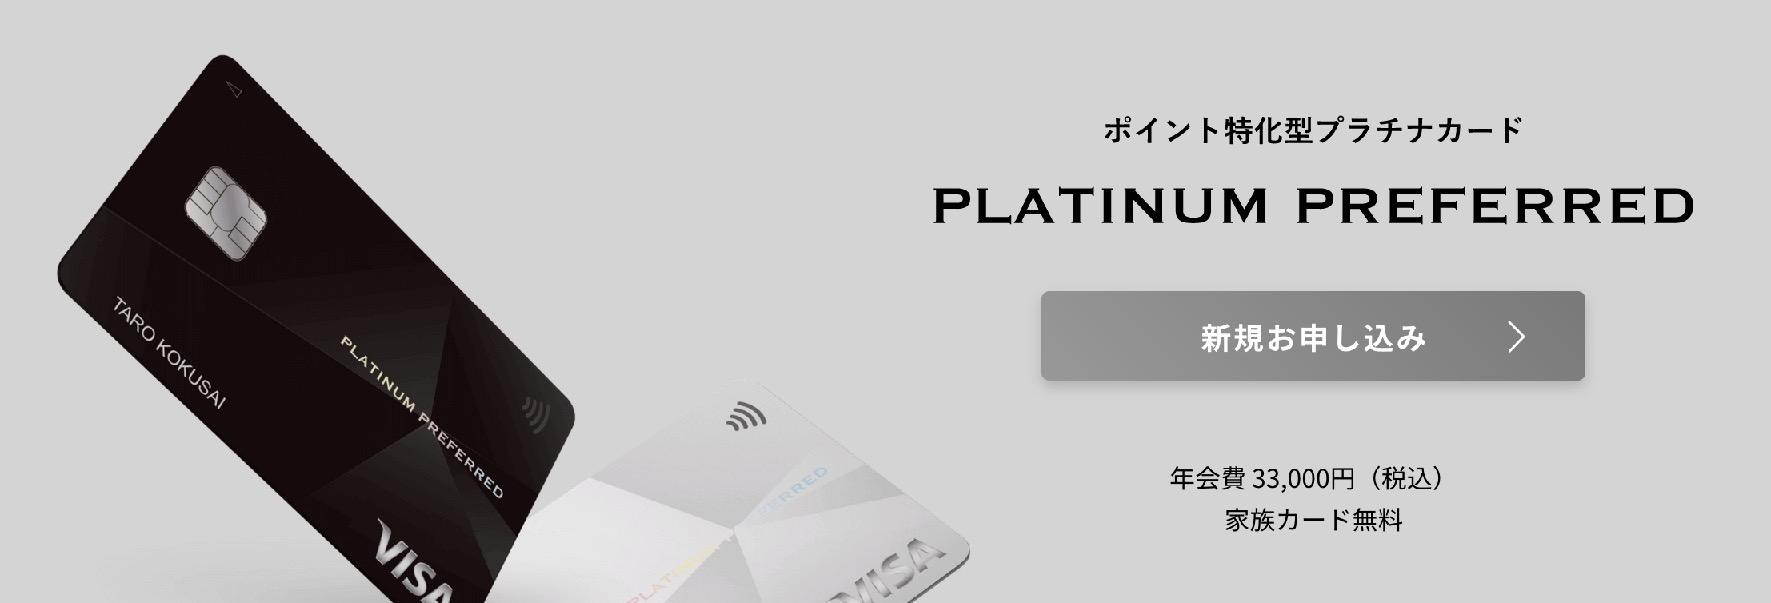 三井住友カード「PLATINUM PREFERRED(プラチナプリファード)」の年会費